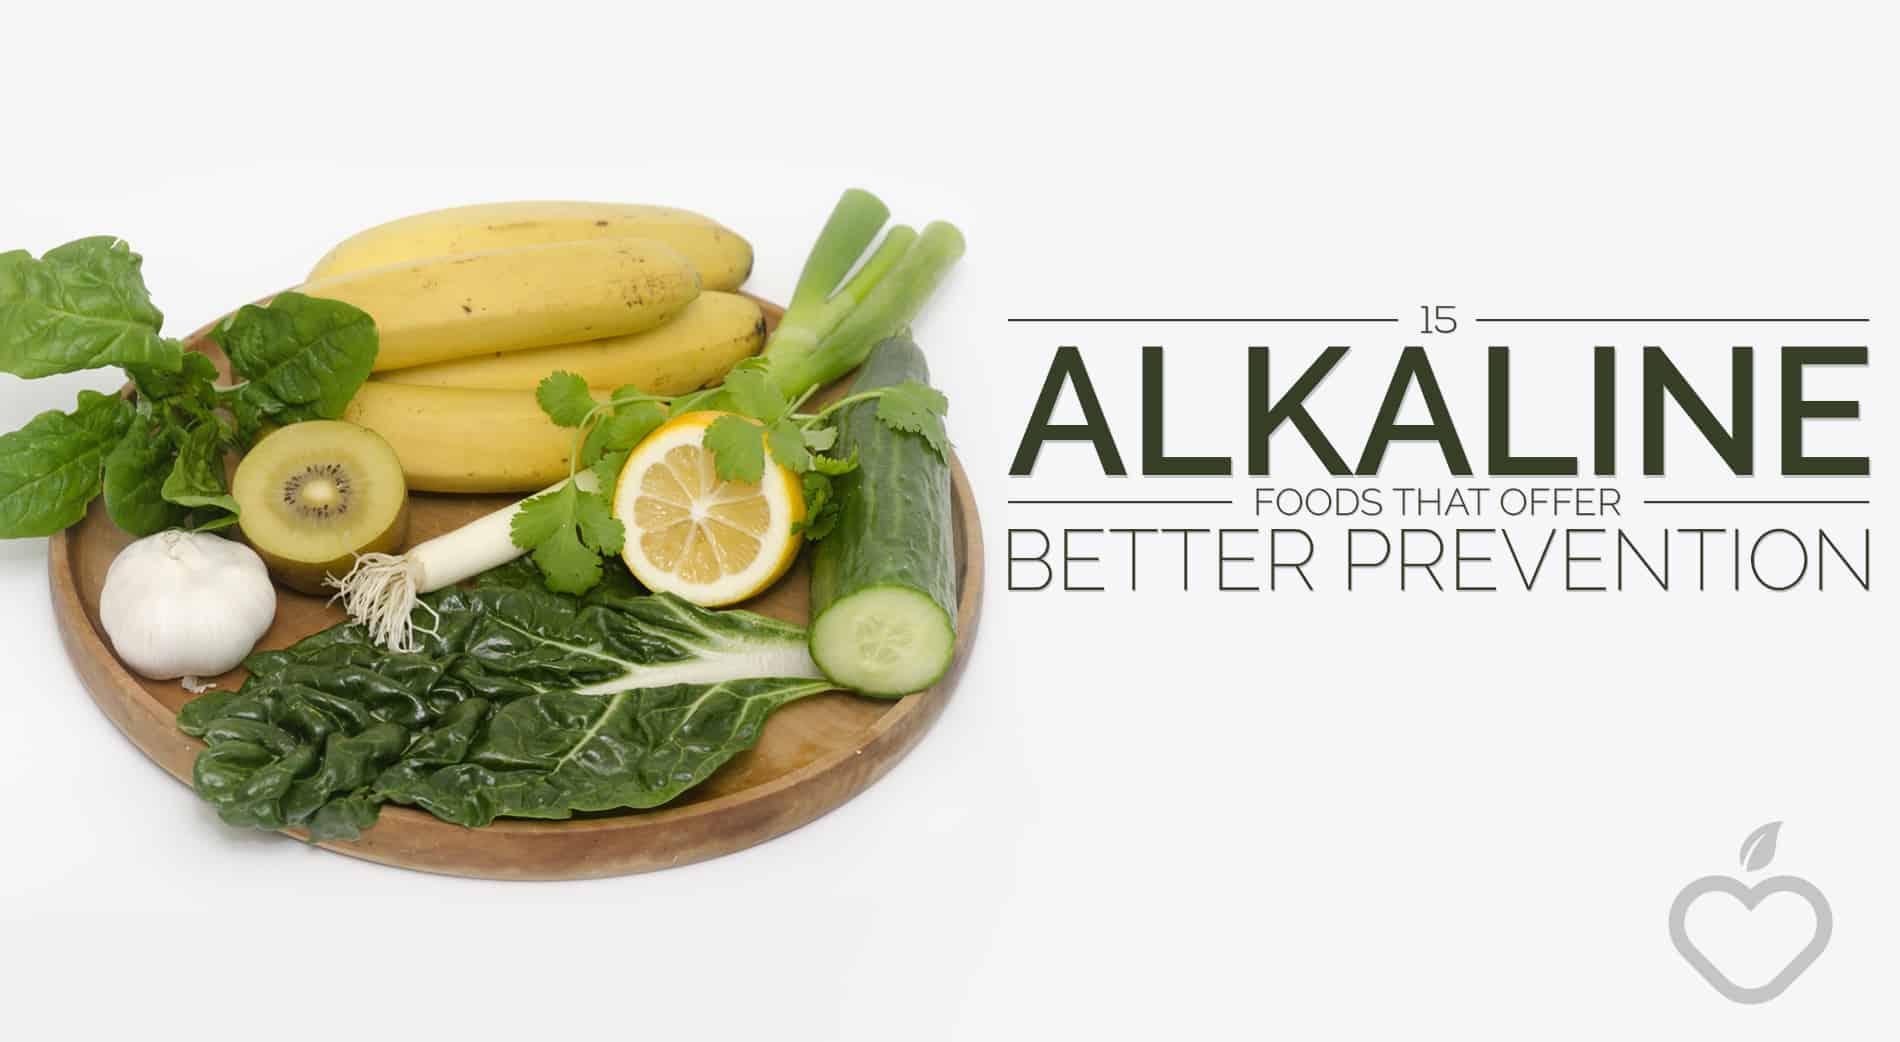 Alkaline Foods Image Design 1 - 15 Alkaline Foods That Offer Better Prevention